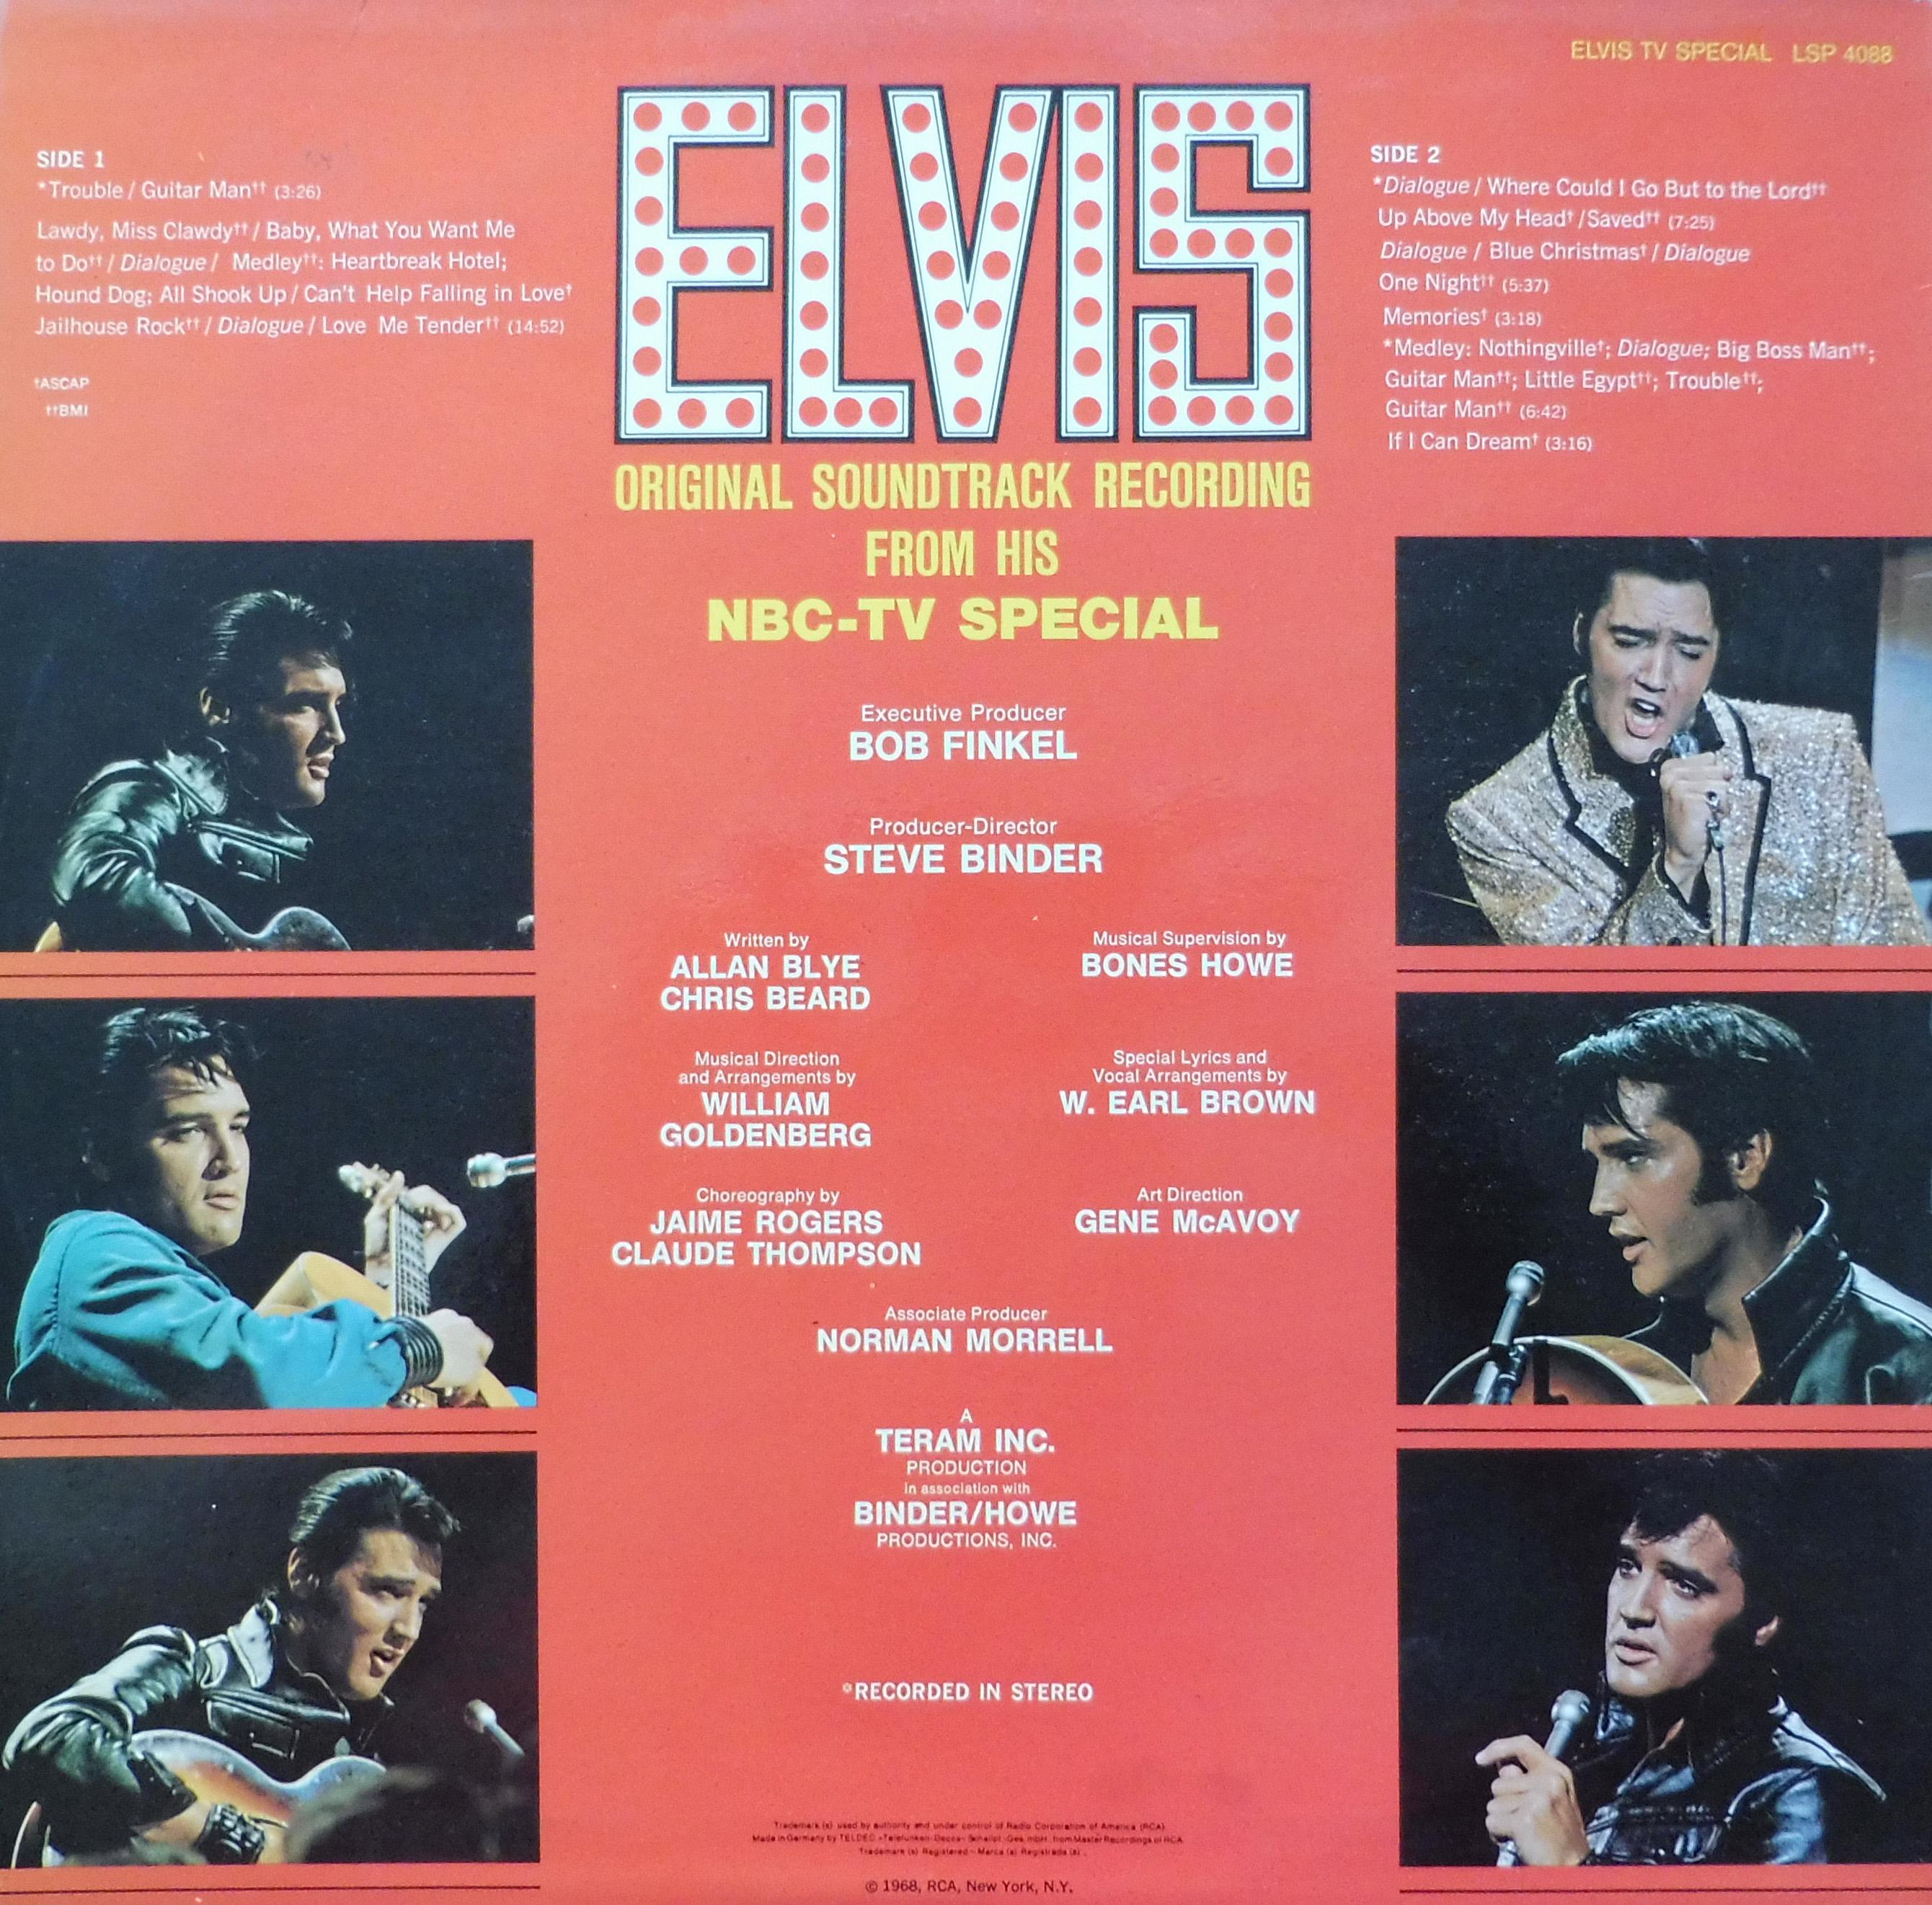 ELVIS (NBC) TV Special Nbc71rckseite2rc1x